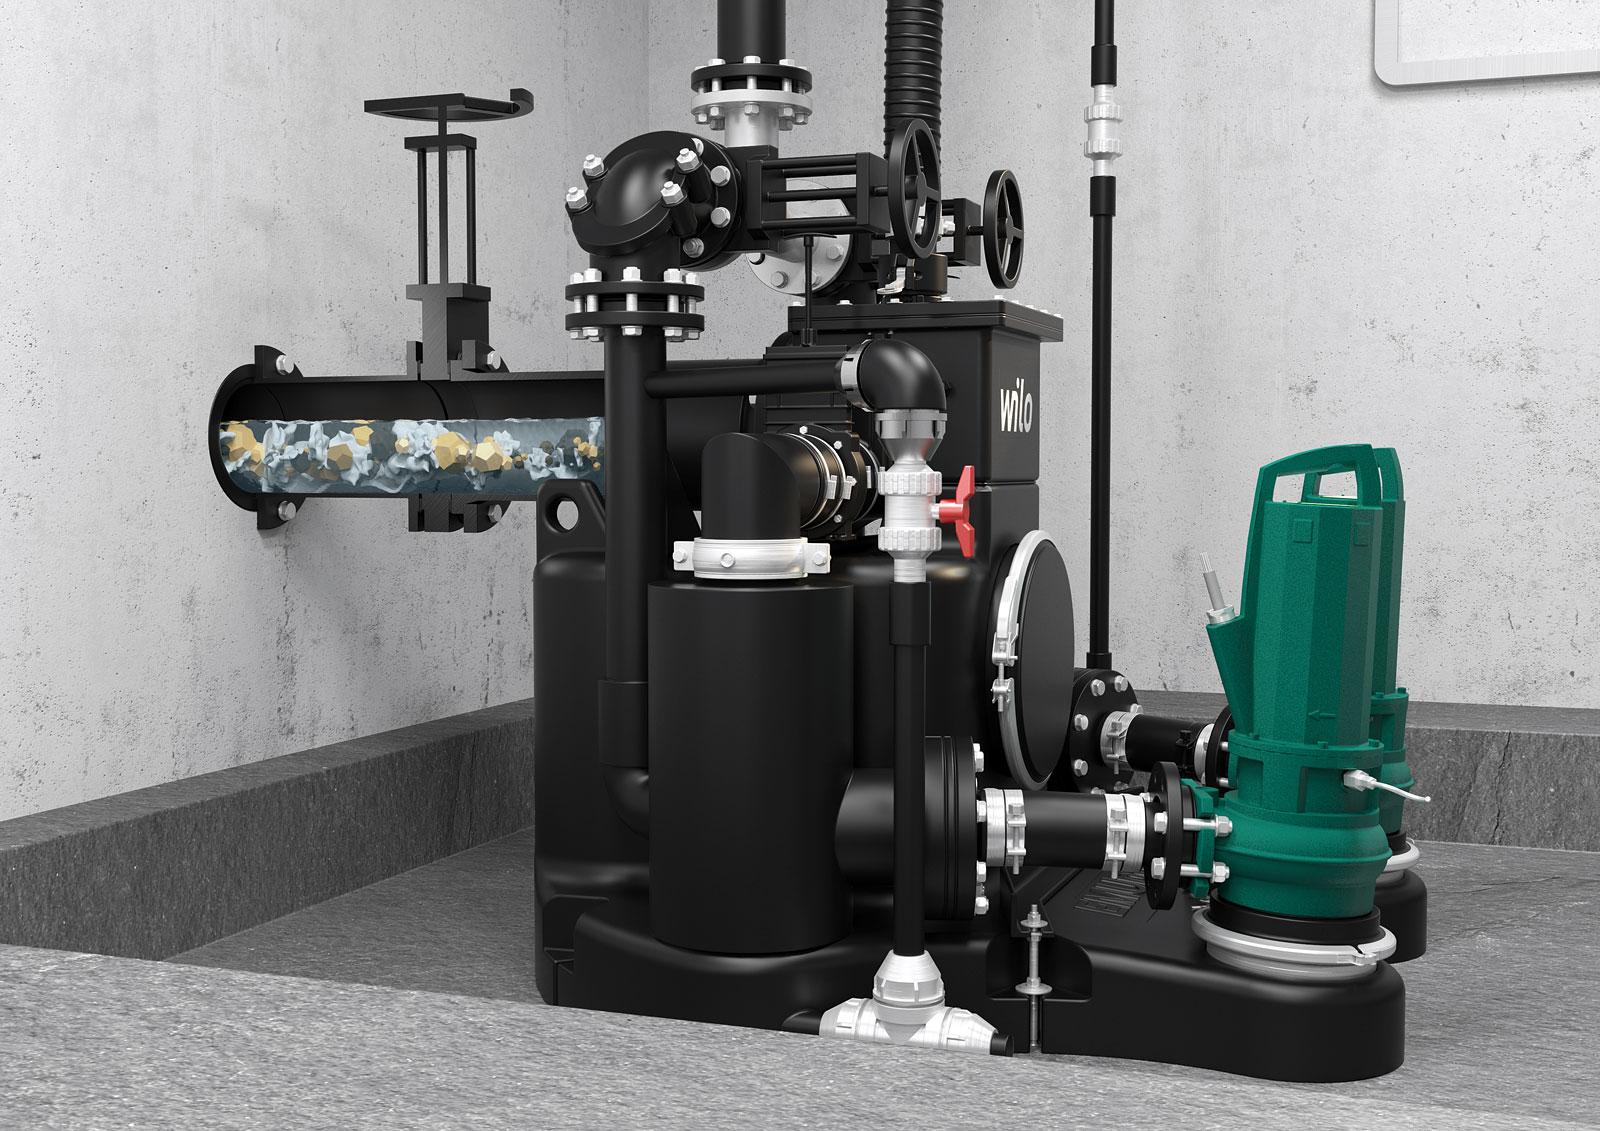 Kompaktowa budowa Wilo-EMUport CORE pozwala na montaż zarówno w budynkach jak i w studzienkach o średnicy ≥1500 mm